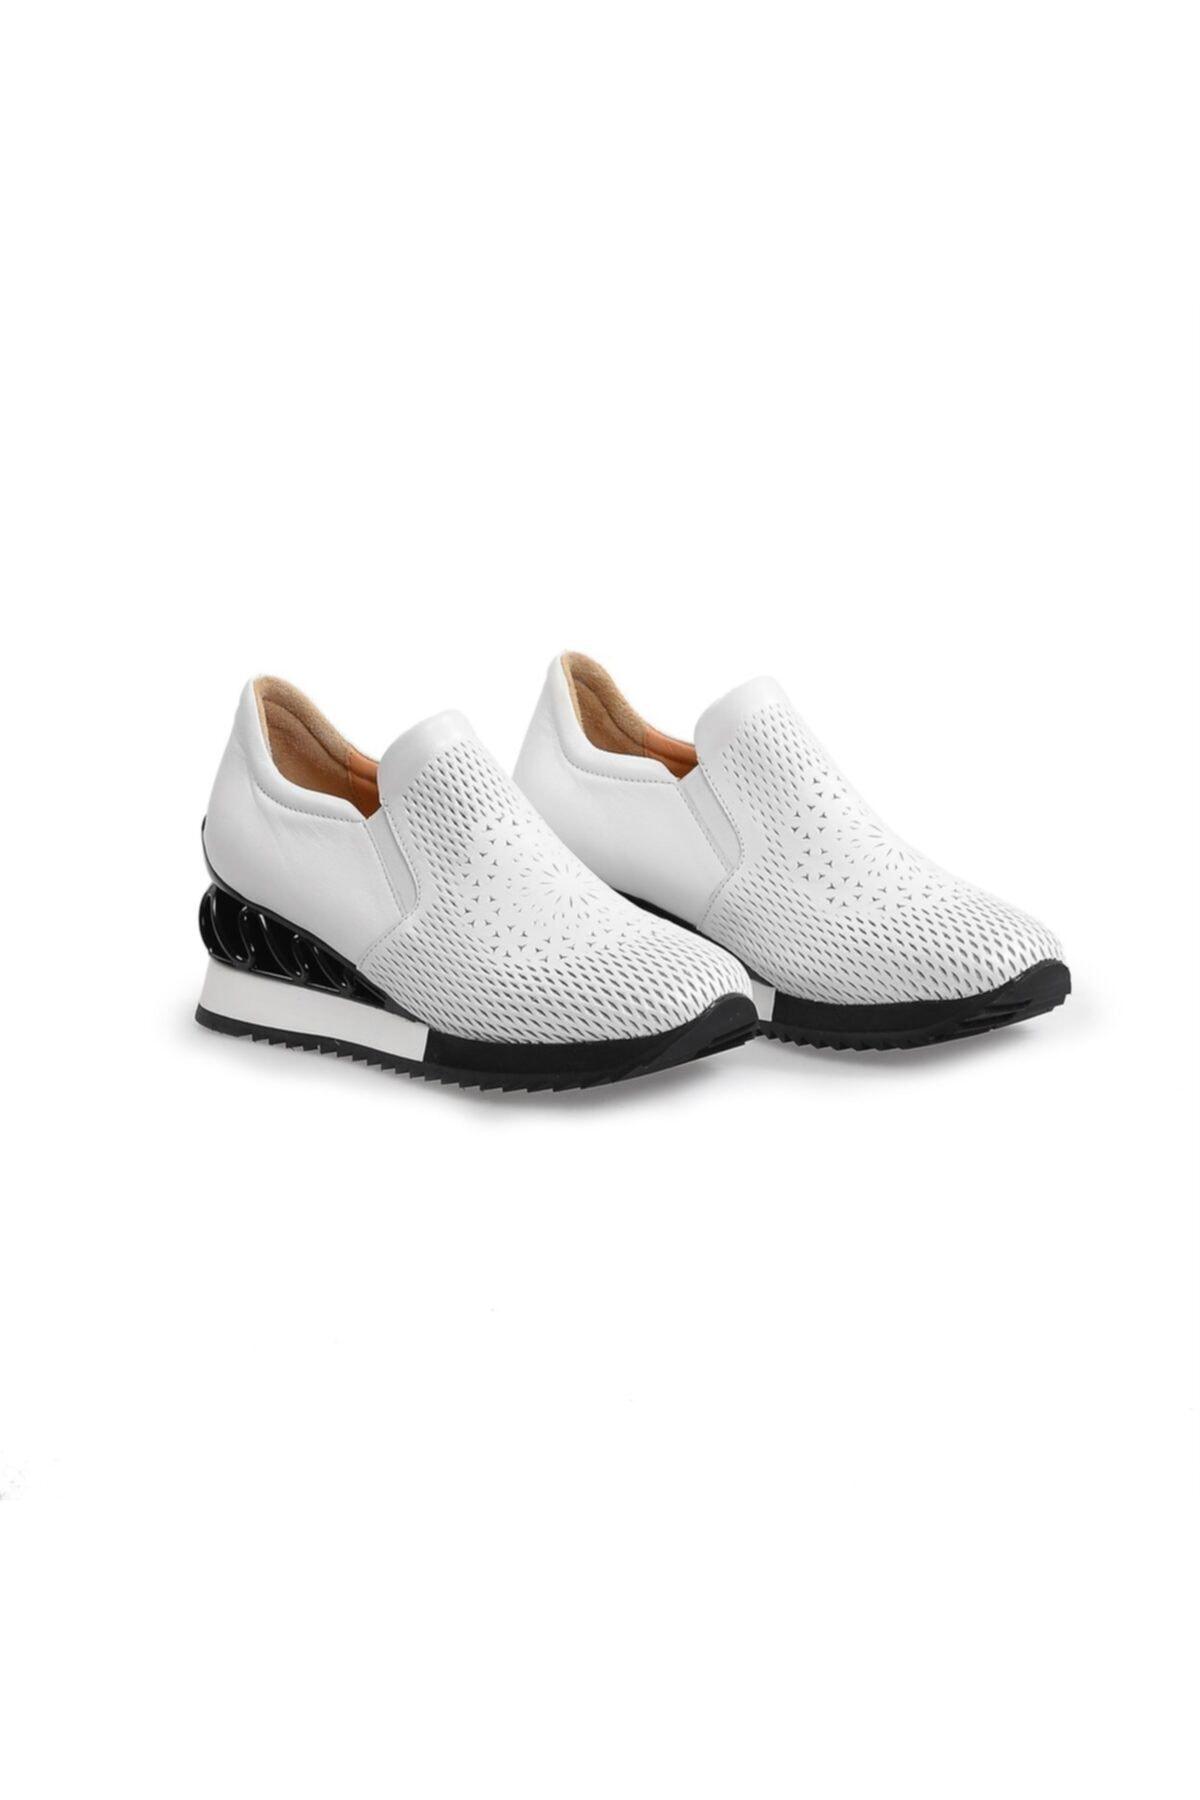 Flower Kadın Beyaz Taban Detaylı Spor Ayakkabı 2